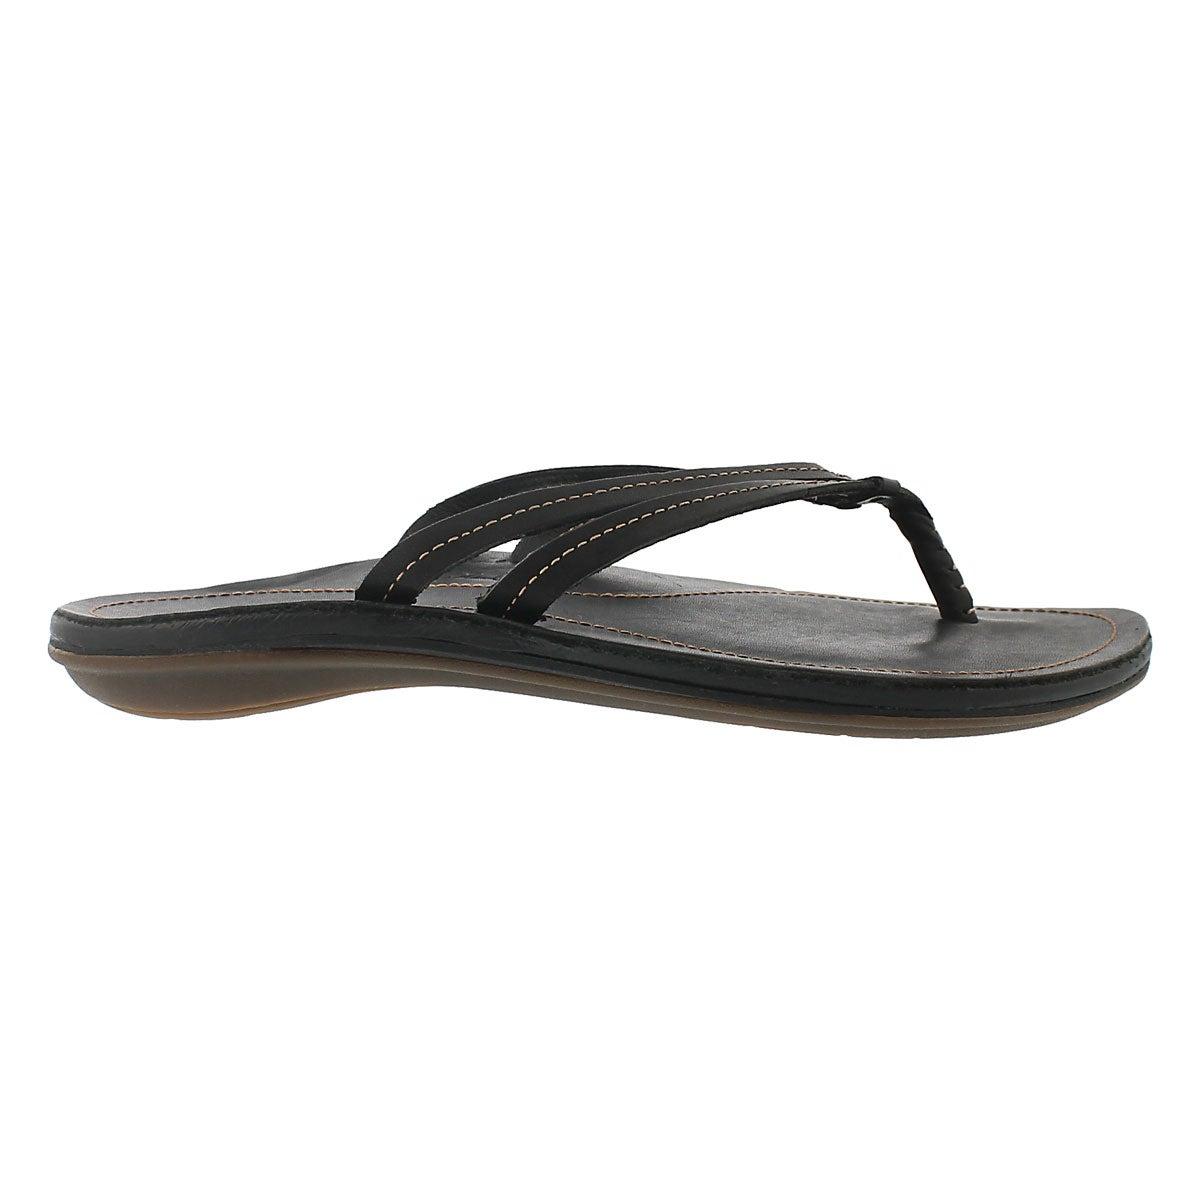 Lds U'I black thong sandal